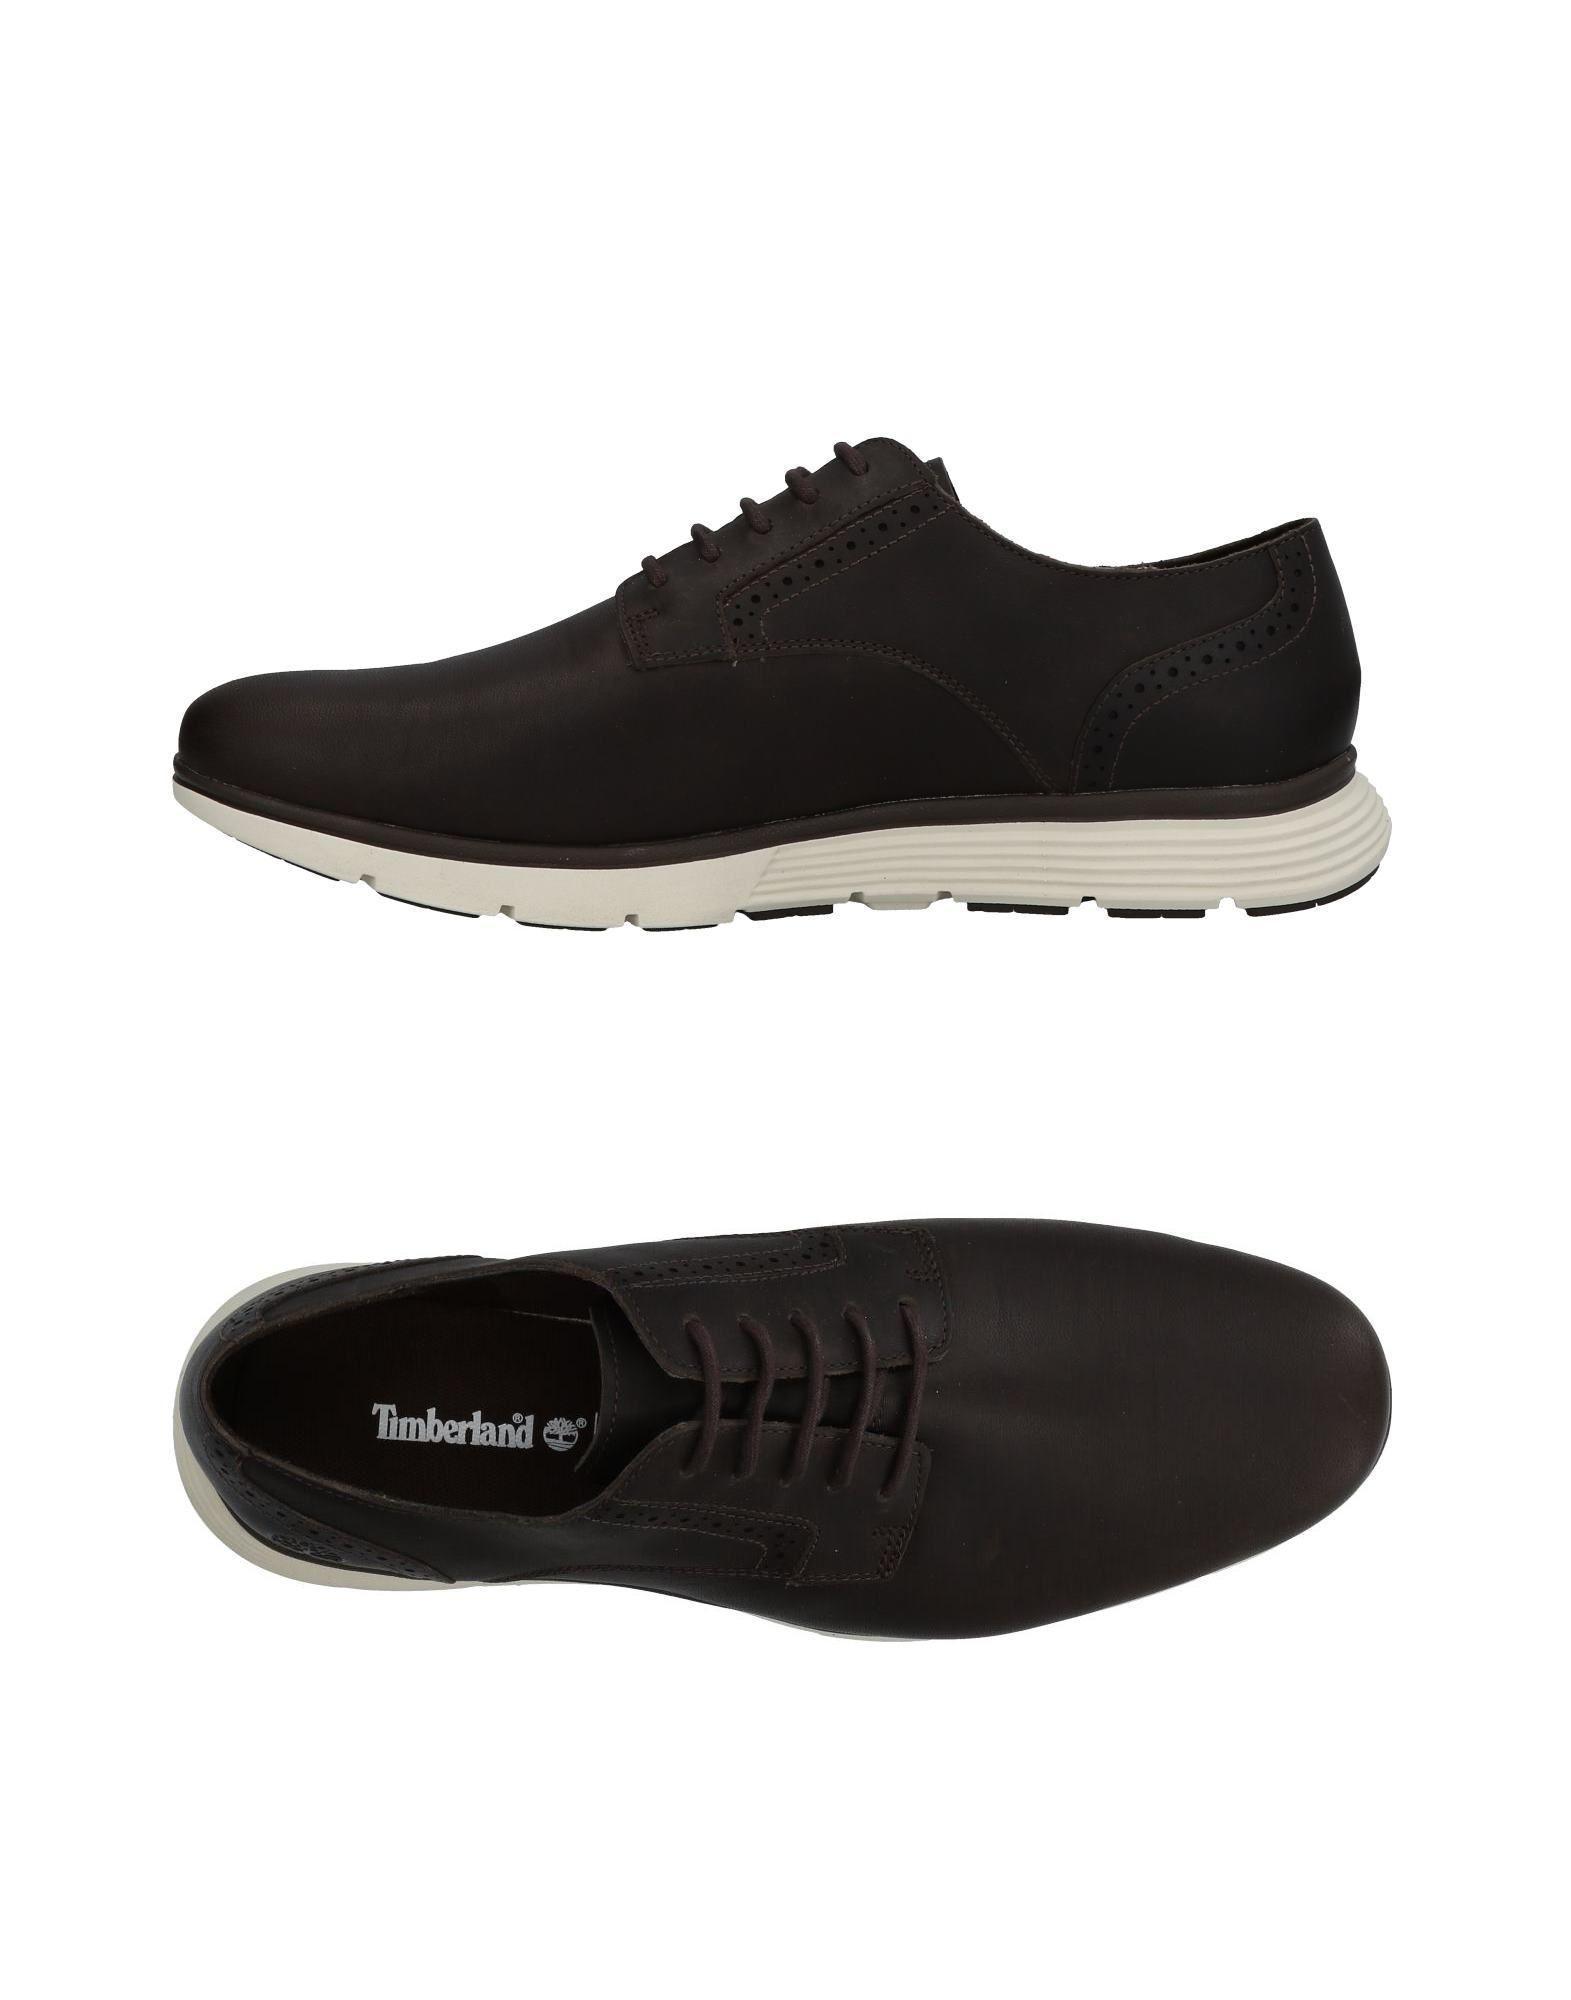 Timberland Sneakers In Dark Brown